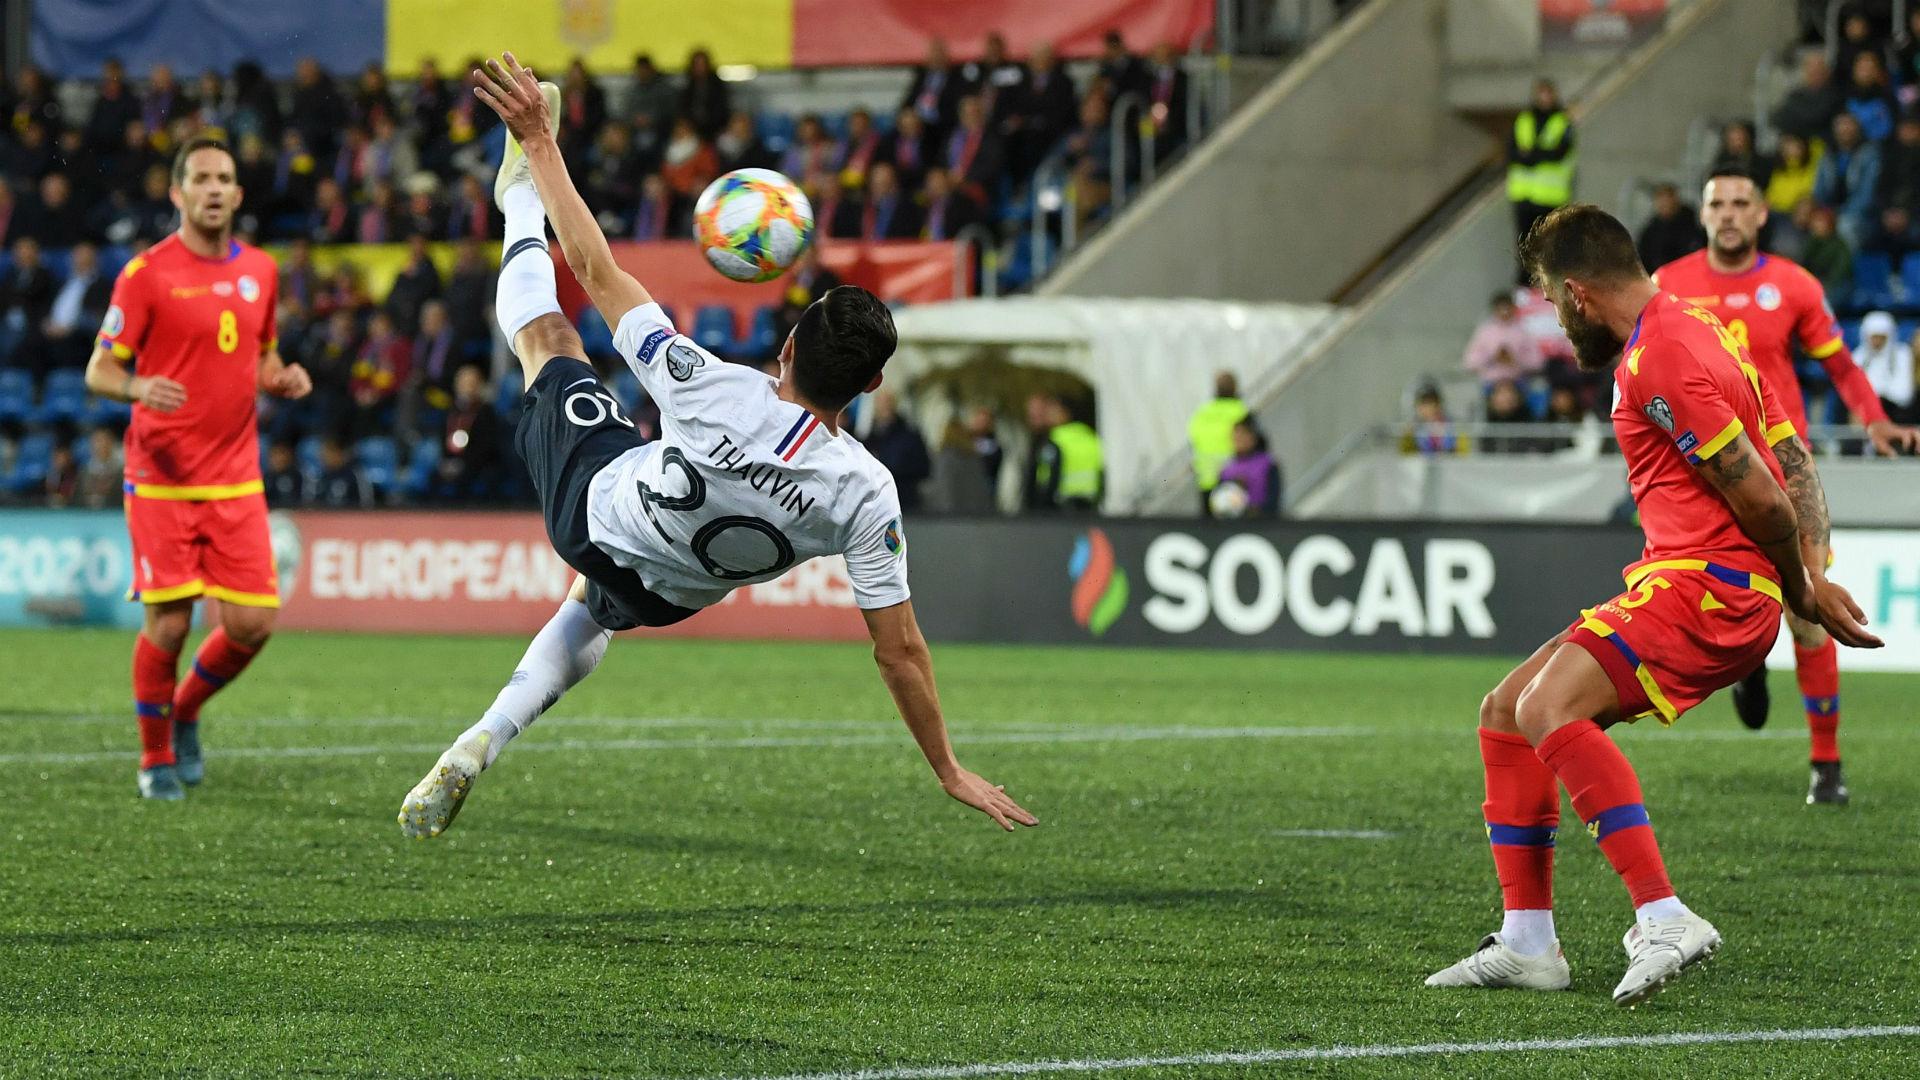 Andorre-France 0-4, Mbappé et les Bleus s'amusent